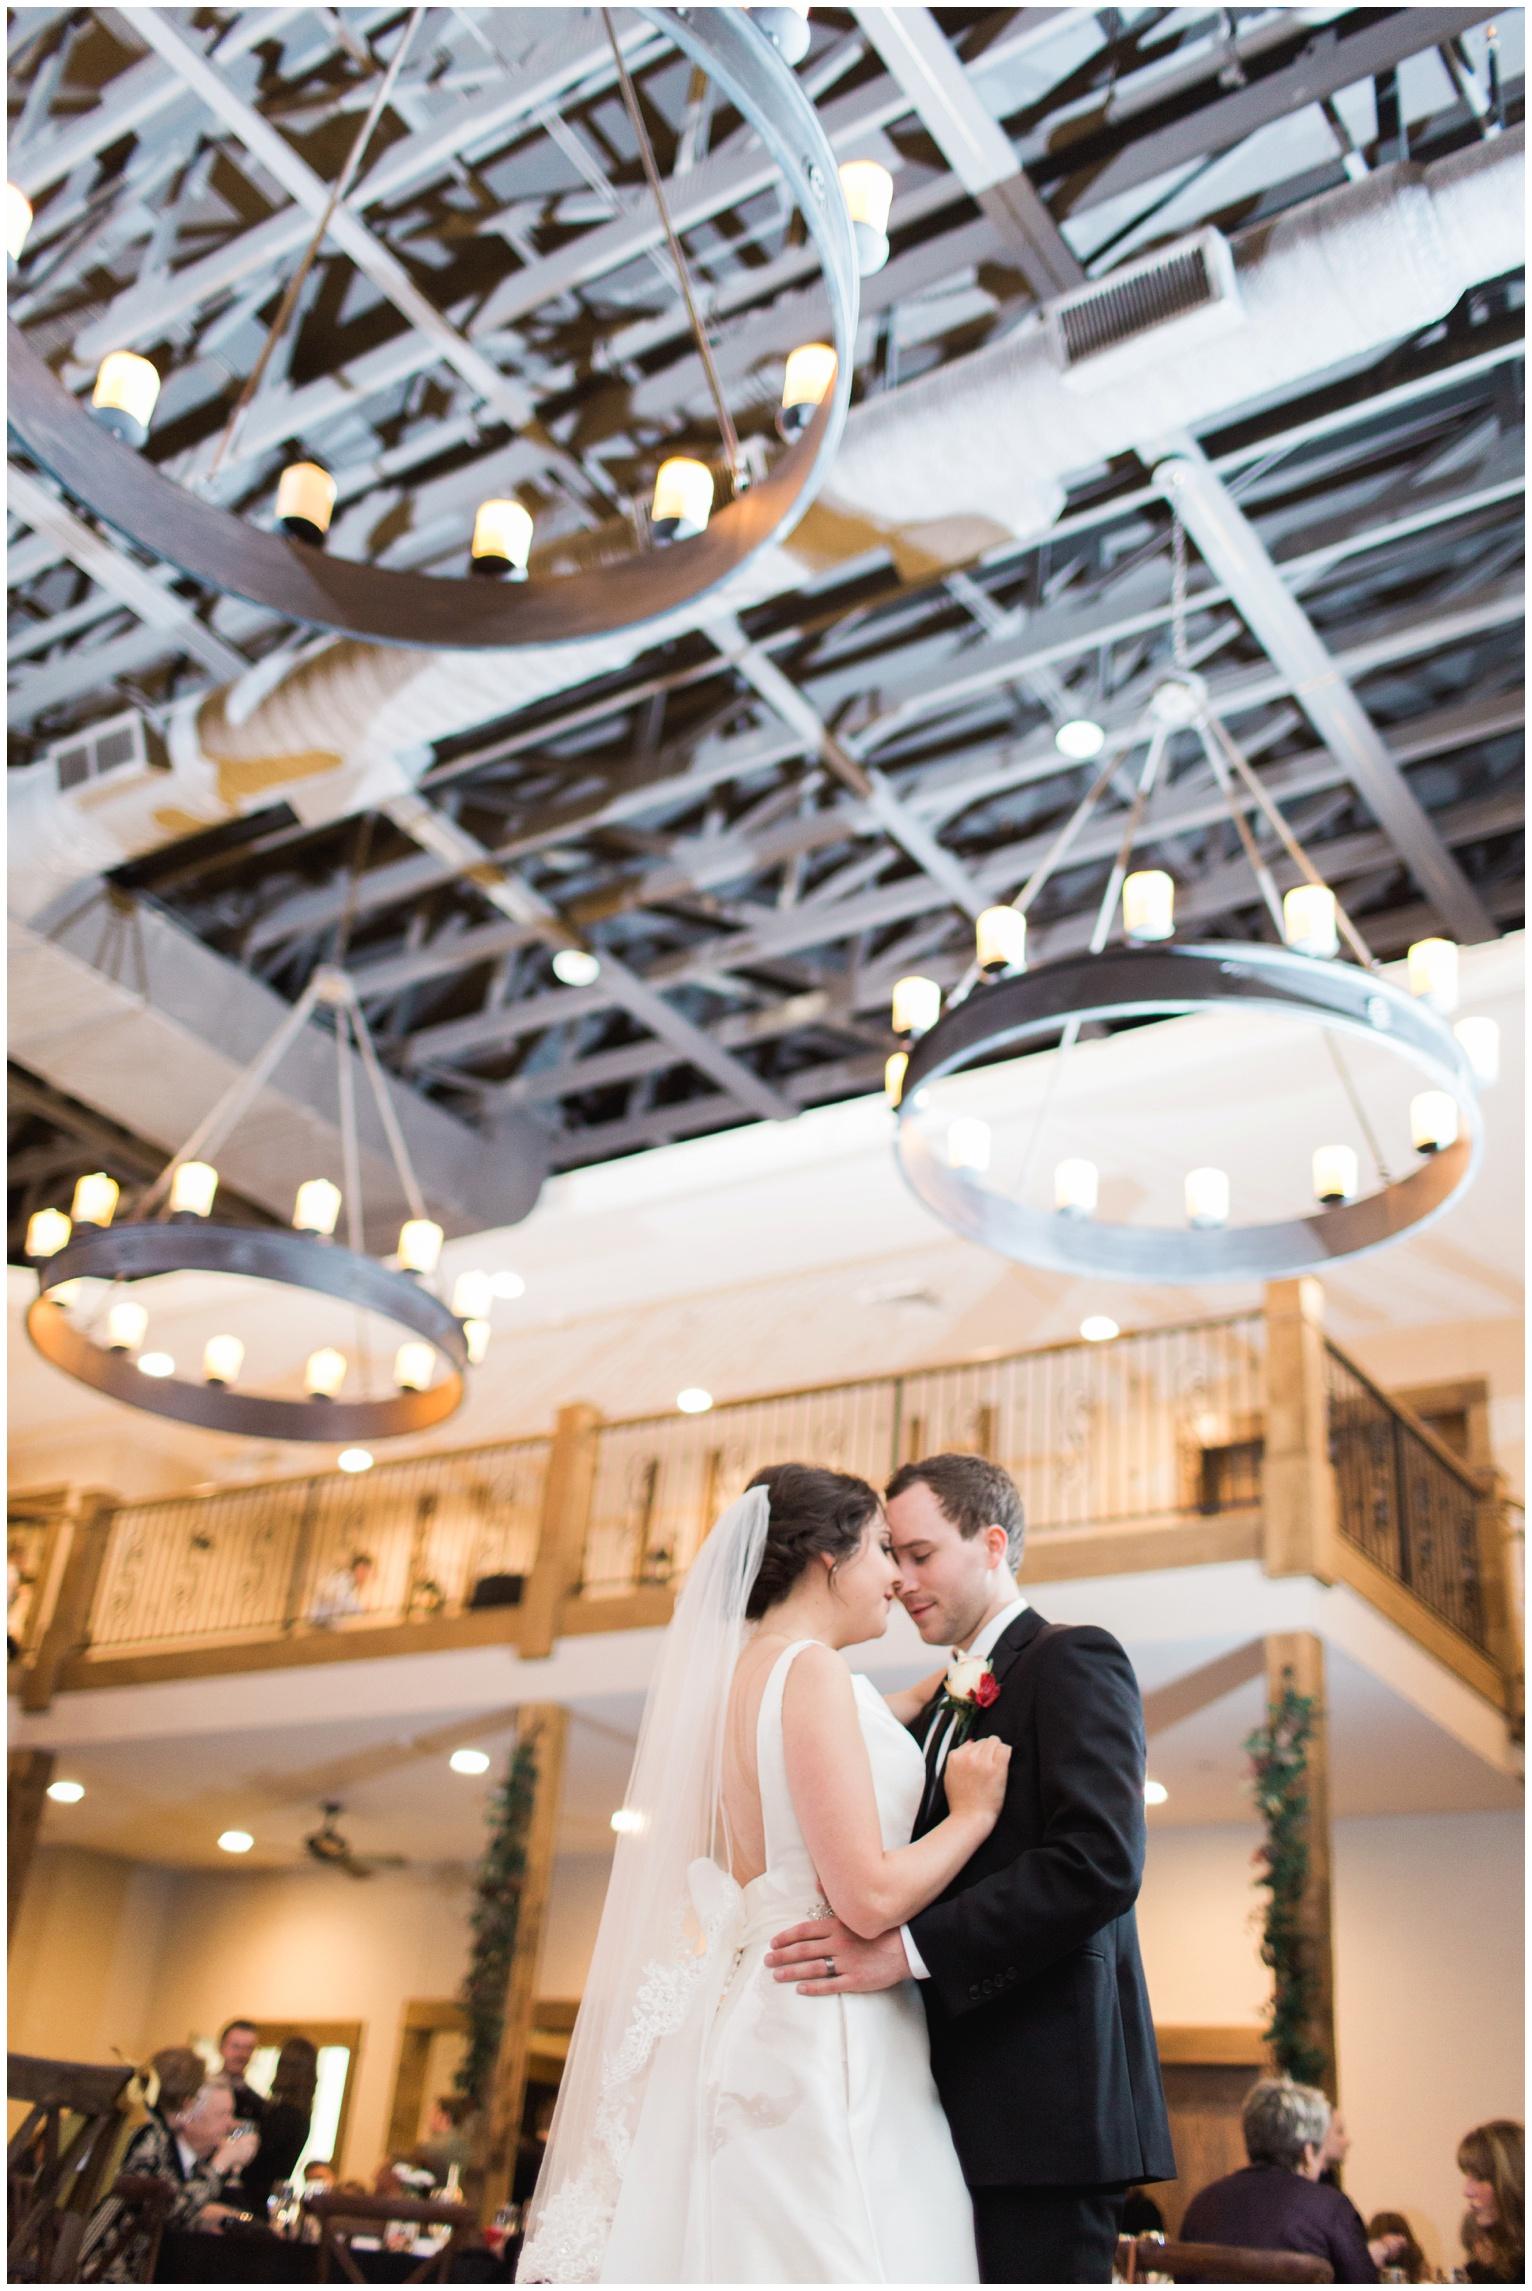 wedding photography st louis_lauren muckler photography_film photographer_film wedding_0026.jpg